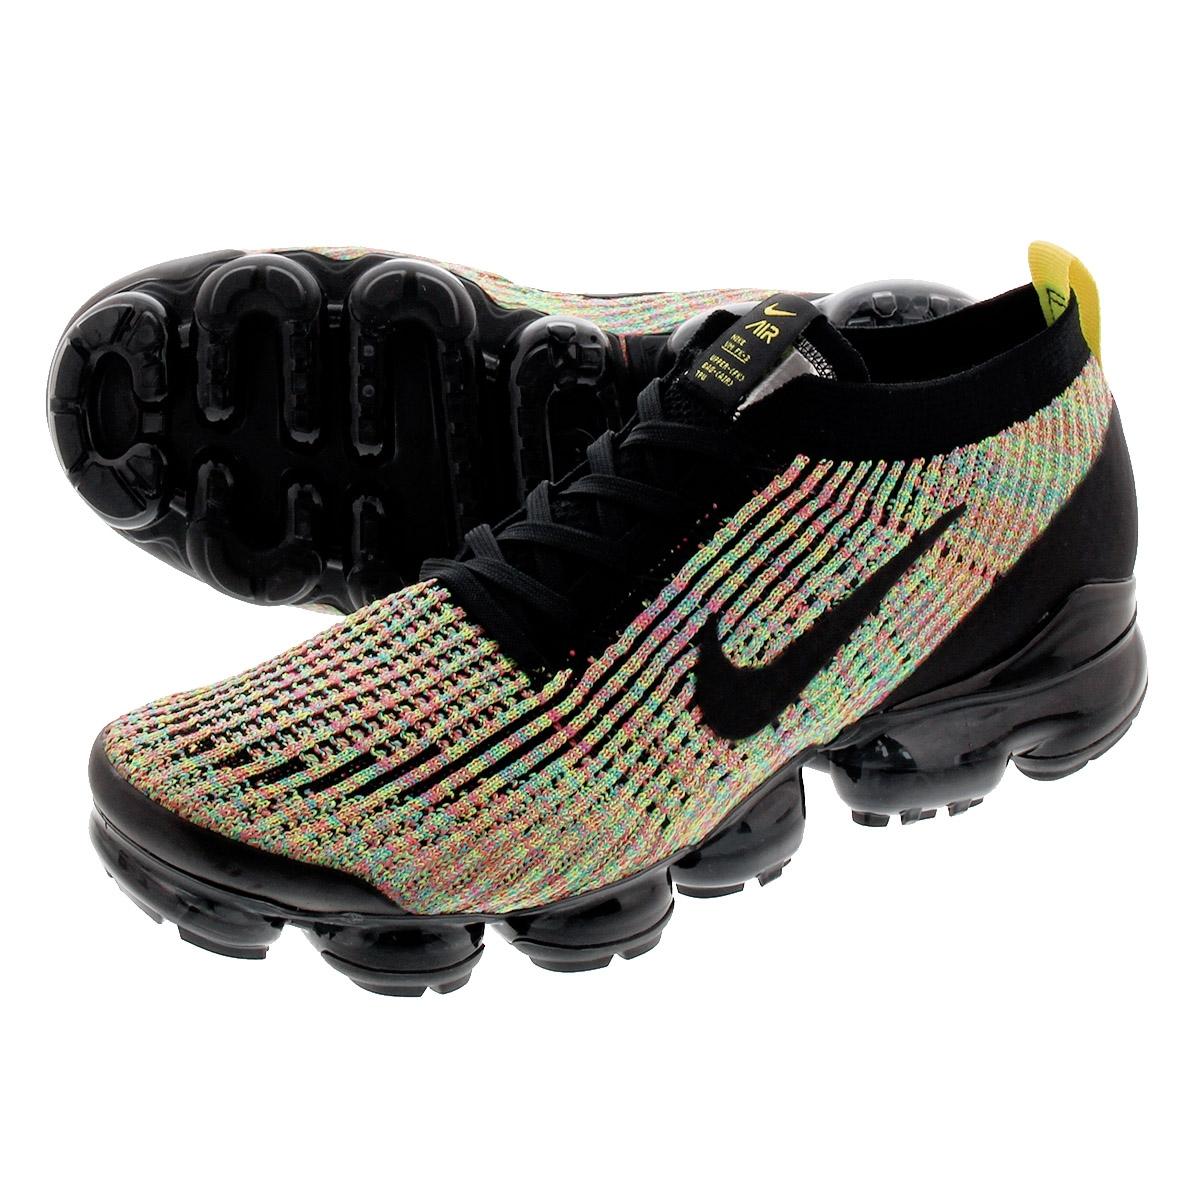 new arrivals fc8bb 0f3ff NIKE AIR VAPORMAX FLYKNIT 3 Nike vapor max fried food knit 3  BLACK/BLACK/VOLT aj6900-006